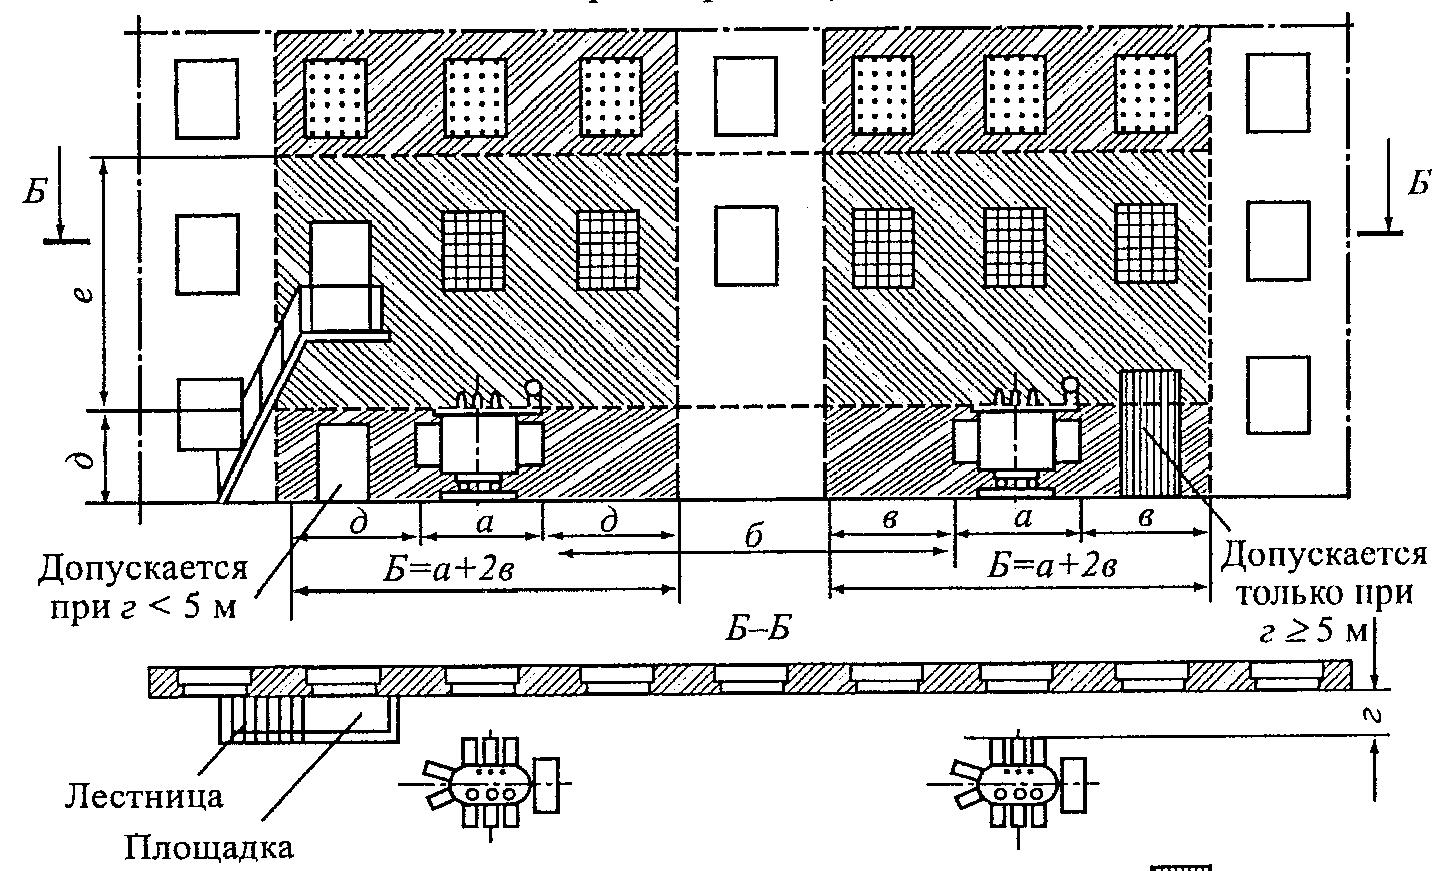 Монтаж оборудования распределительных устройств